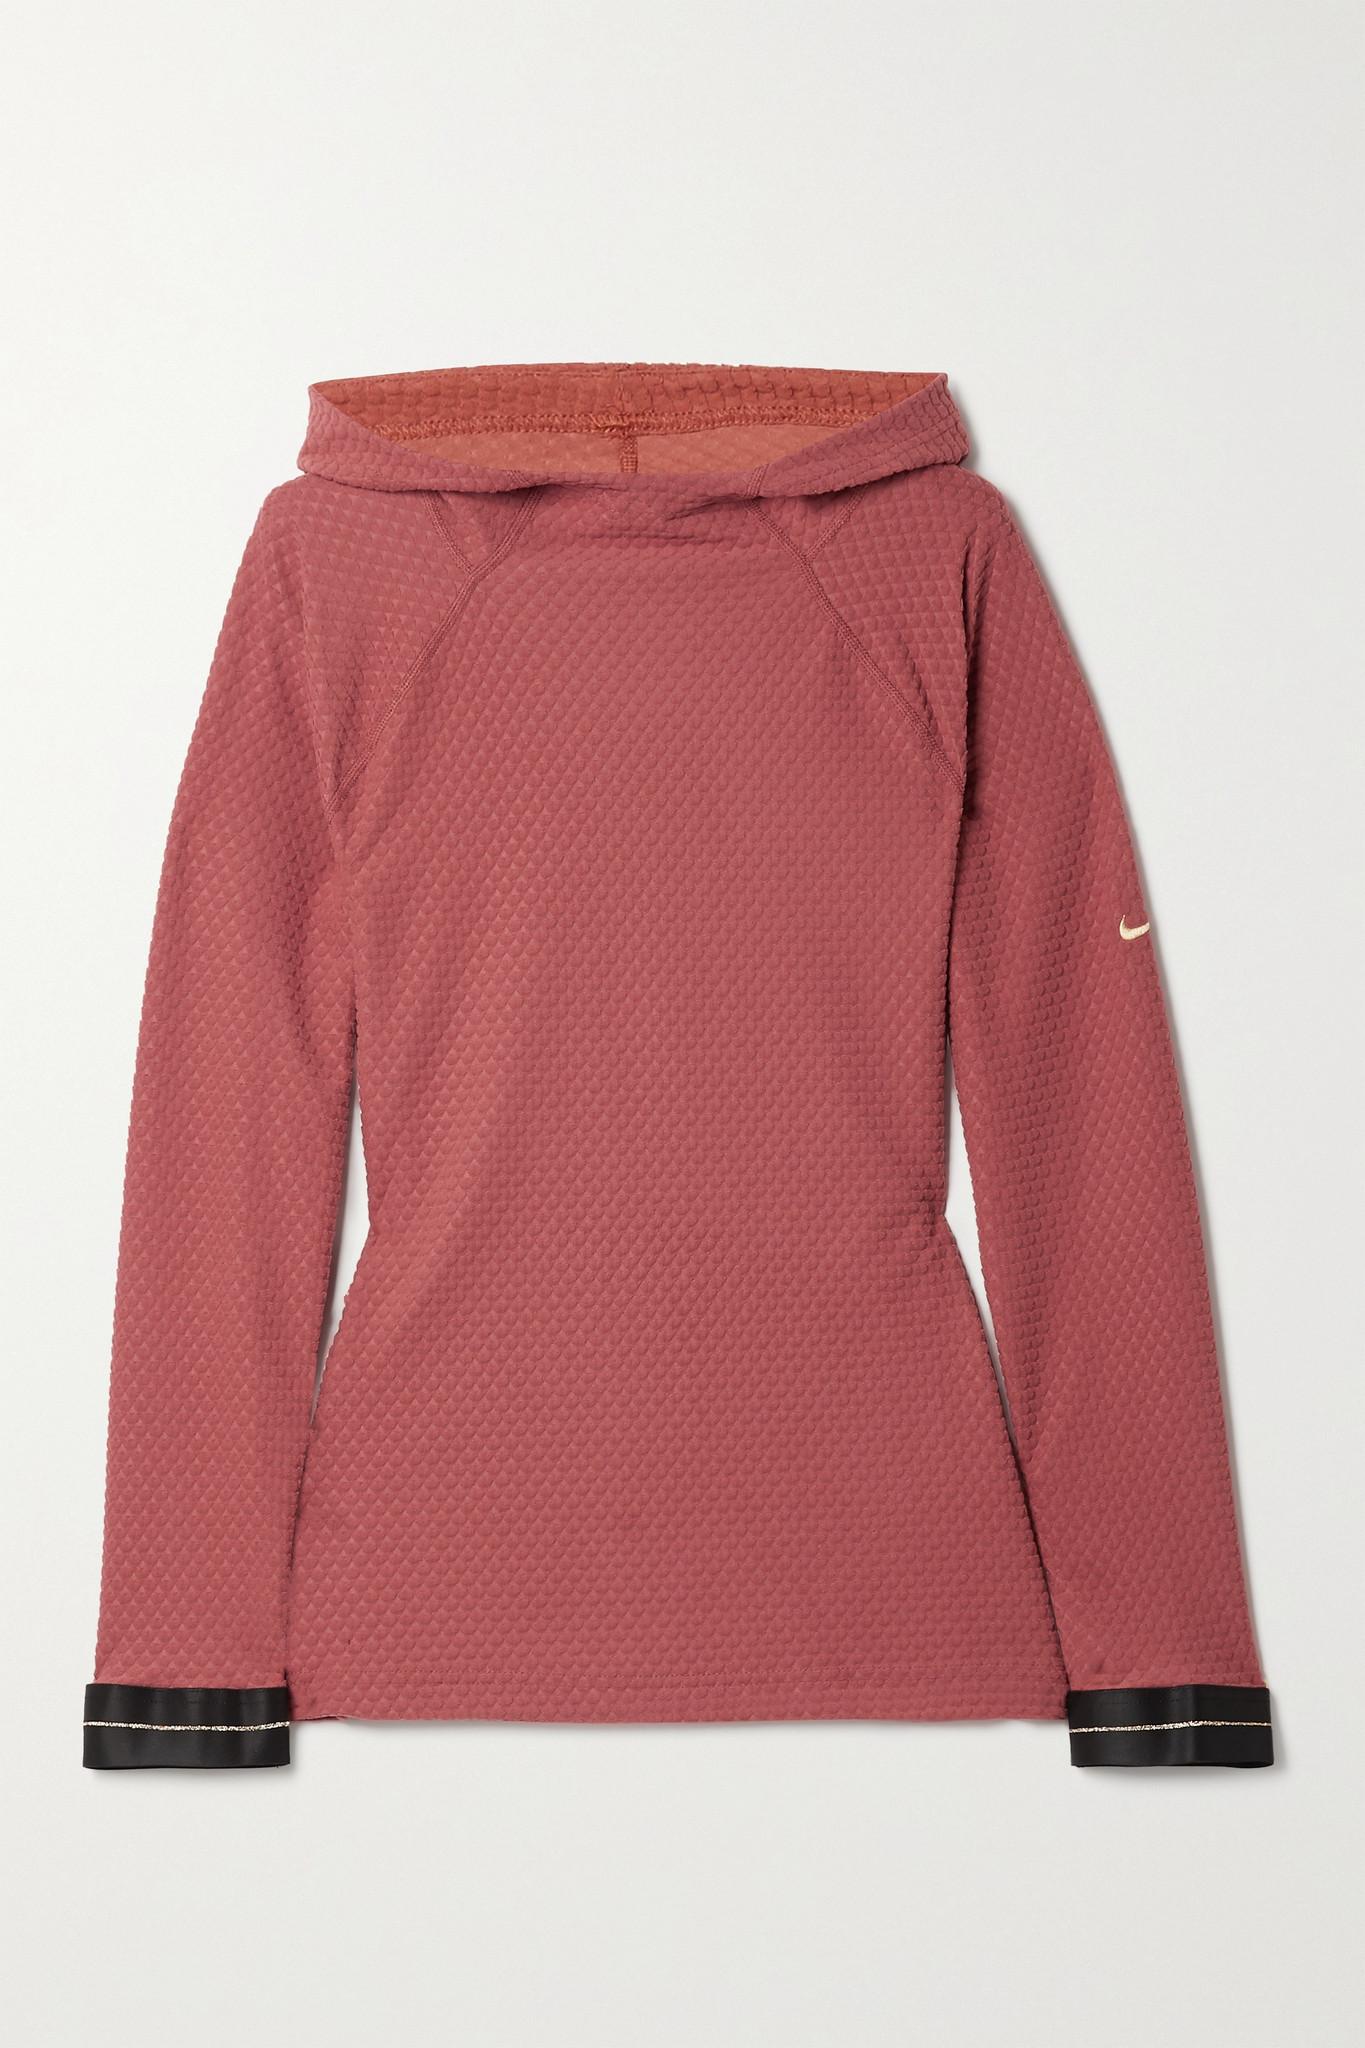 NIKE - Icon Clash Dri-fit 吸湿排汗帽衫 - 红色 - x small